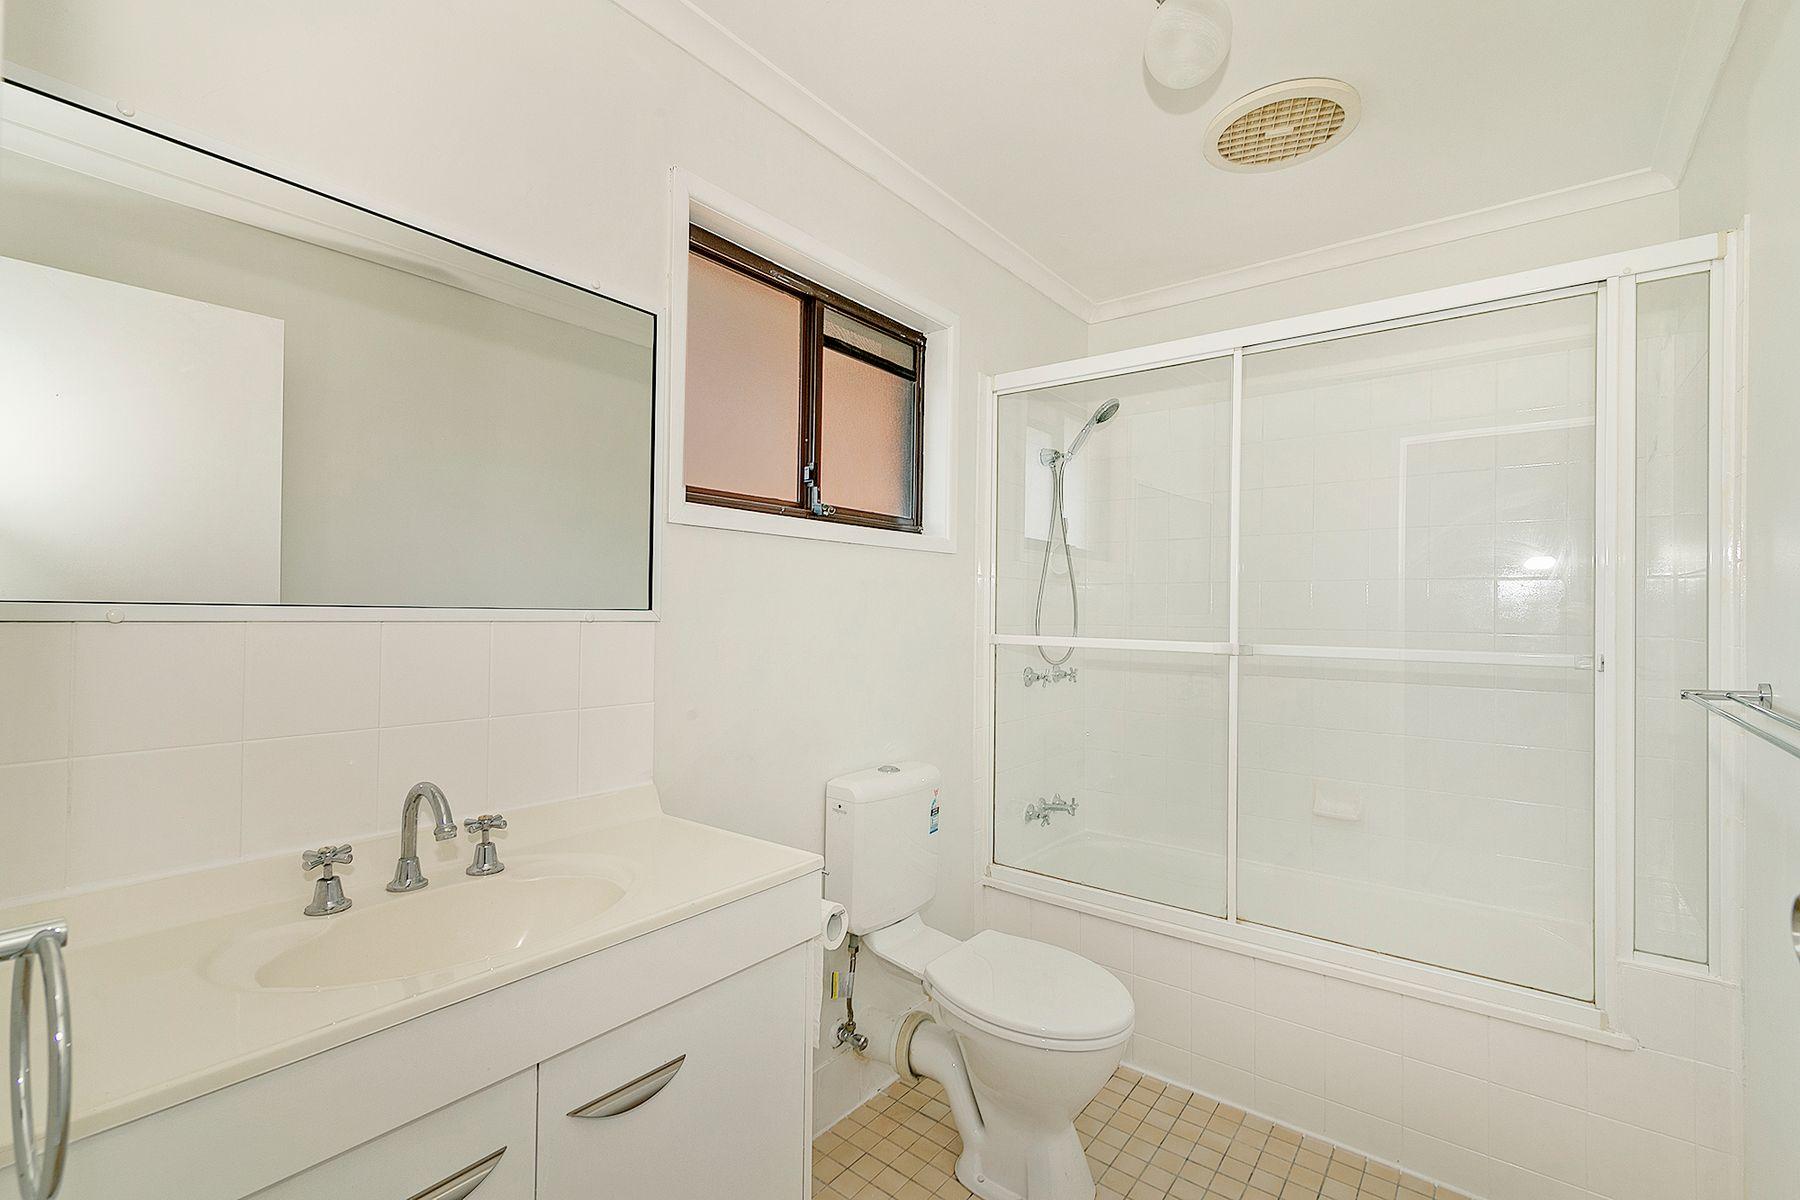 4/4 Amie Court, Springwood, QLD 4127